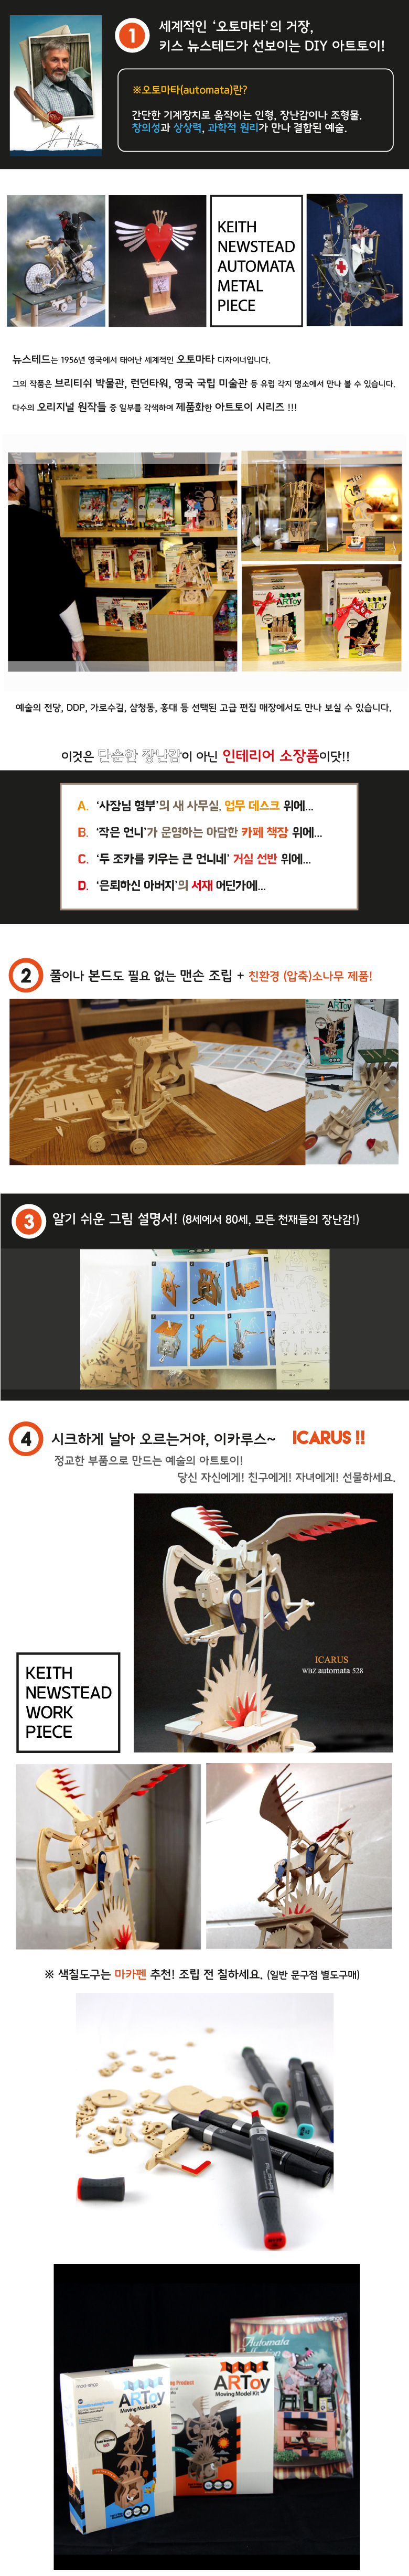 시크한 고공비행 이카루스-Icarus - 원더보이즈, 52,800원, 우드 토이, DIY세트